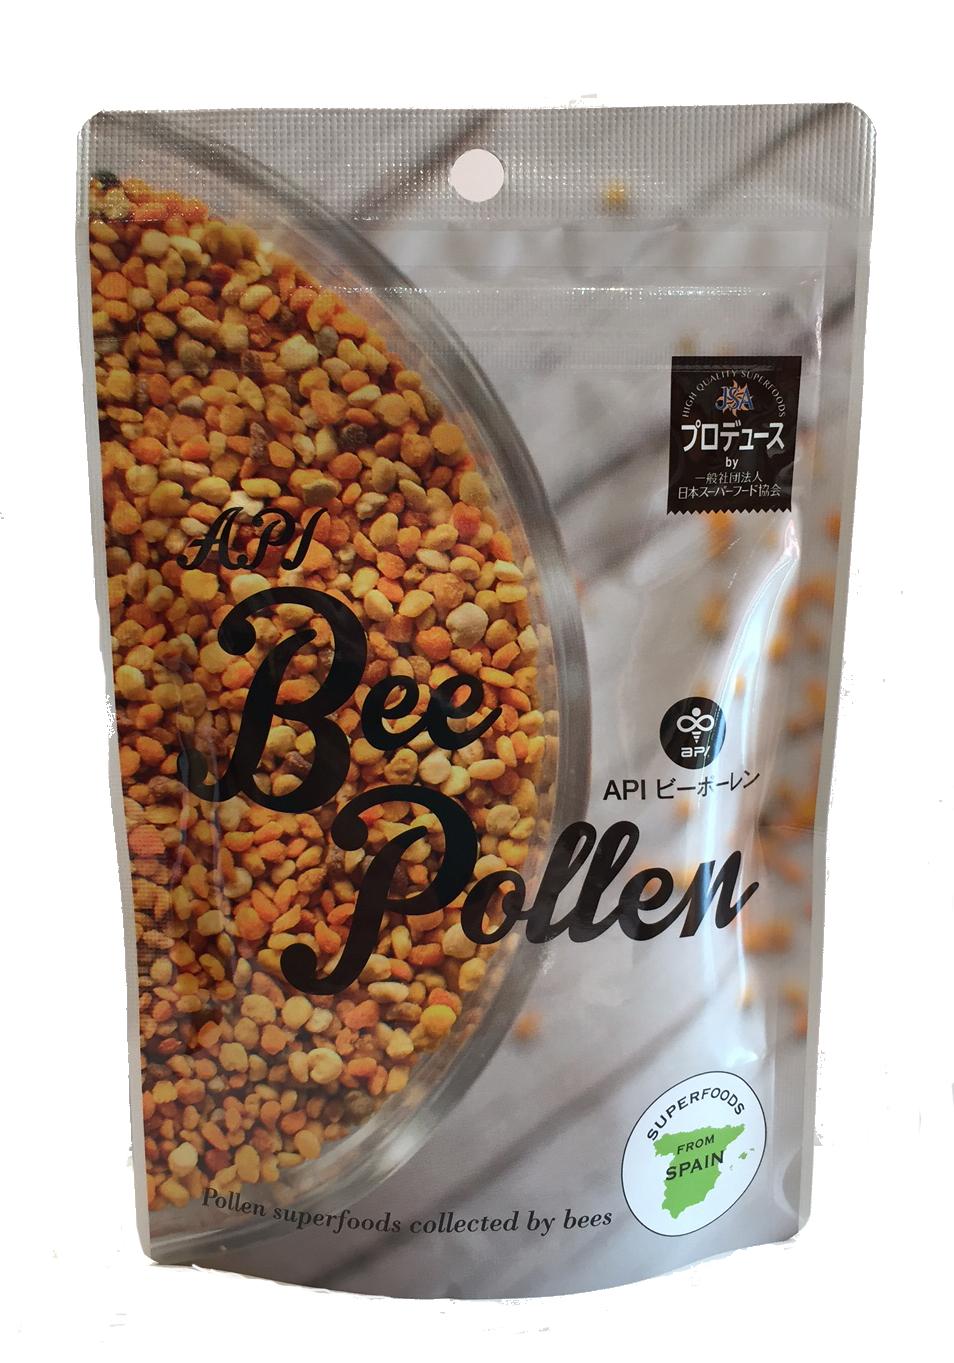 スペイン産ビーポーレン(BeePollen) パーフェクトフード ミツバチ花粉 【70g】